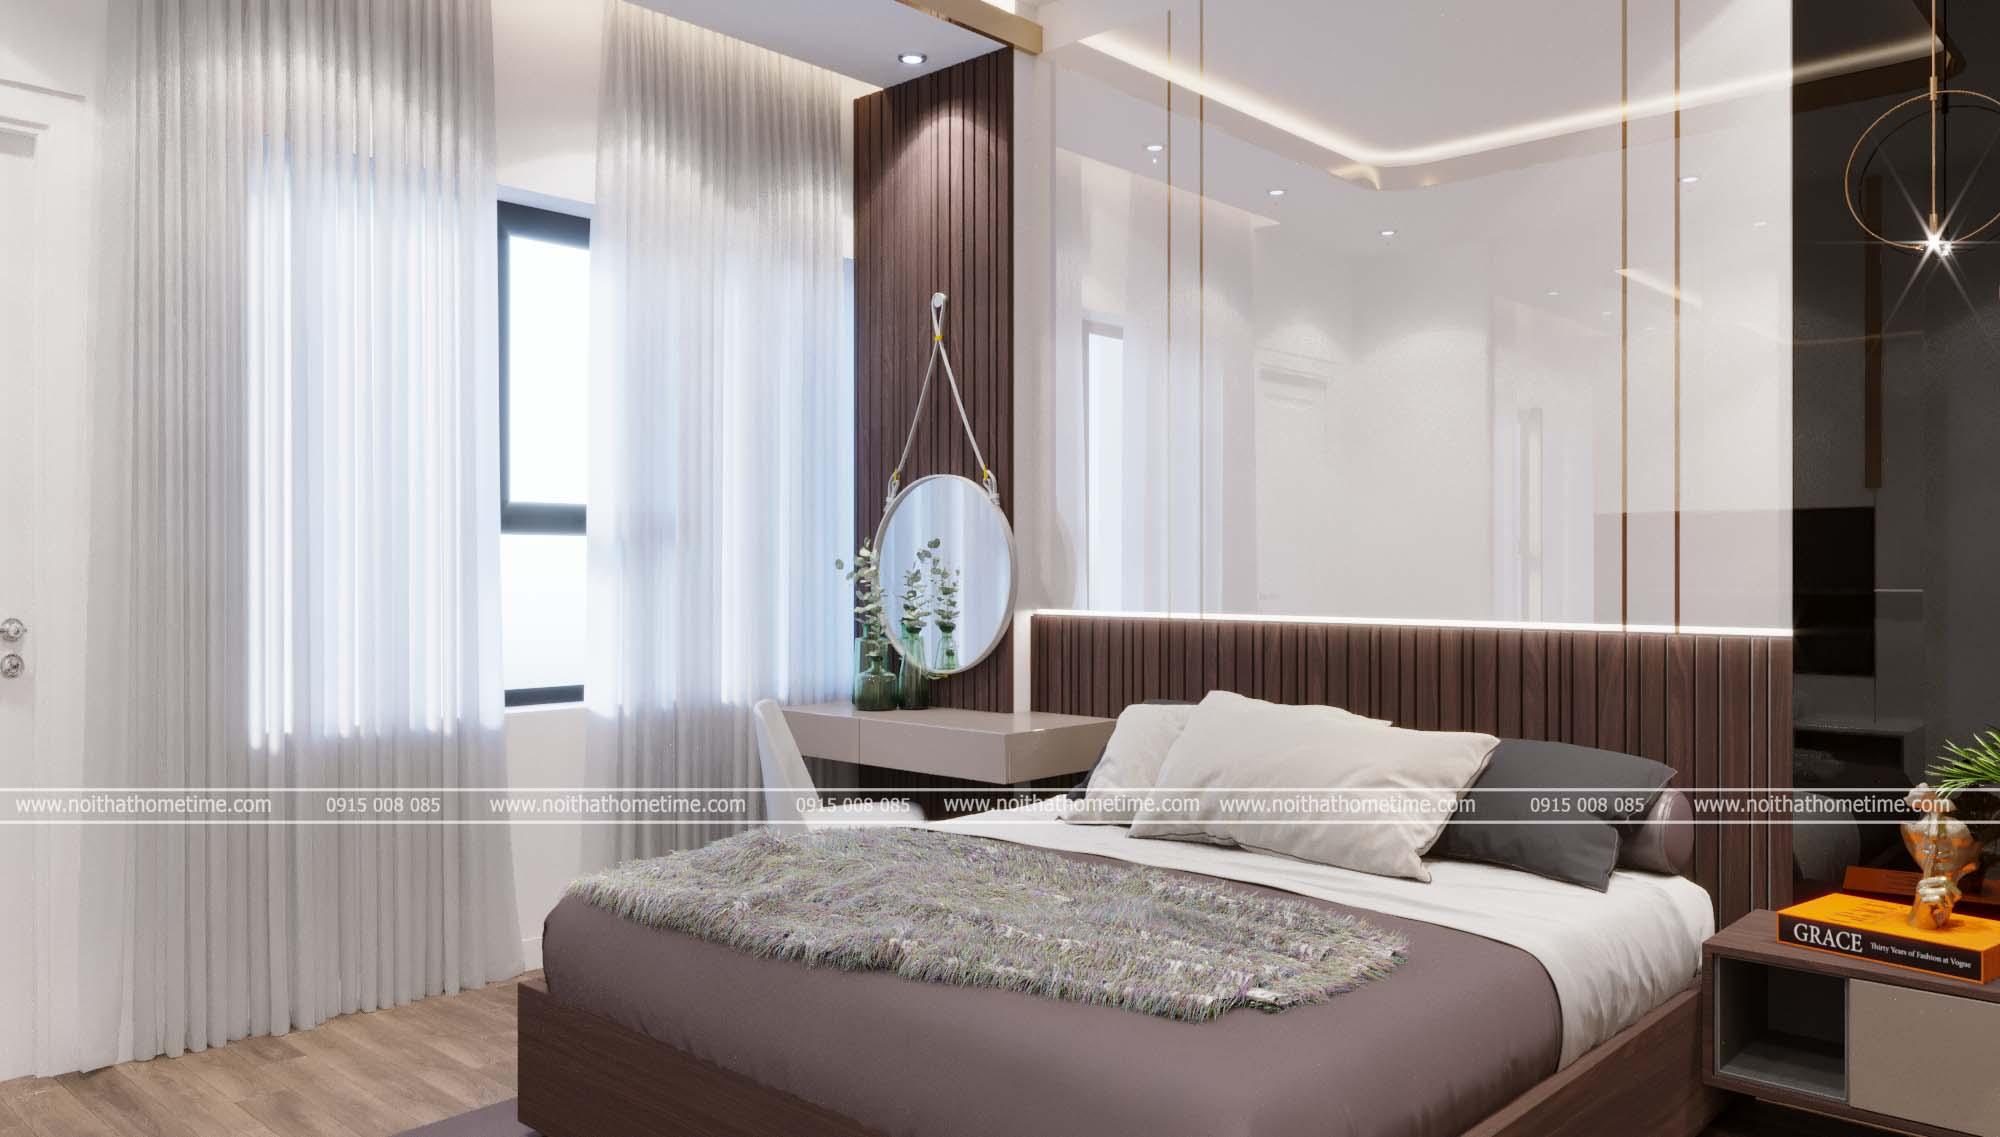 Vách trang trí phòng ngủ sang trọng cùng với chiếc bàn phấn